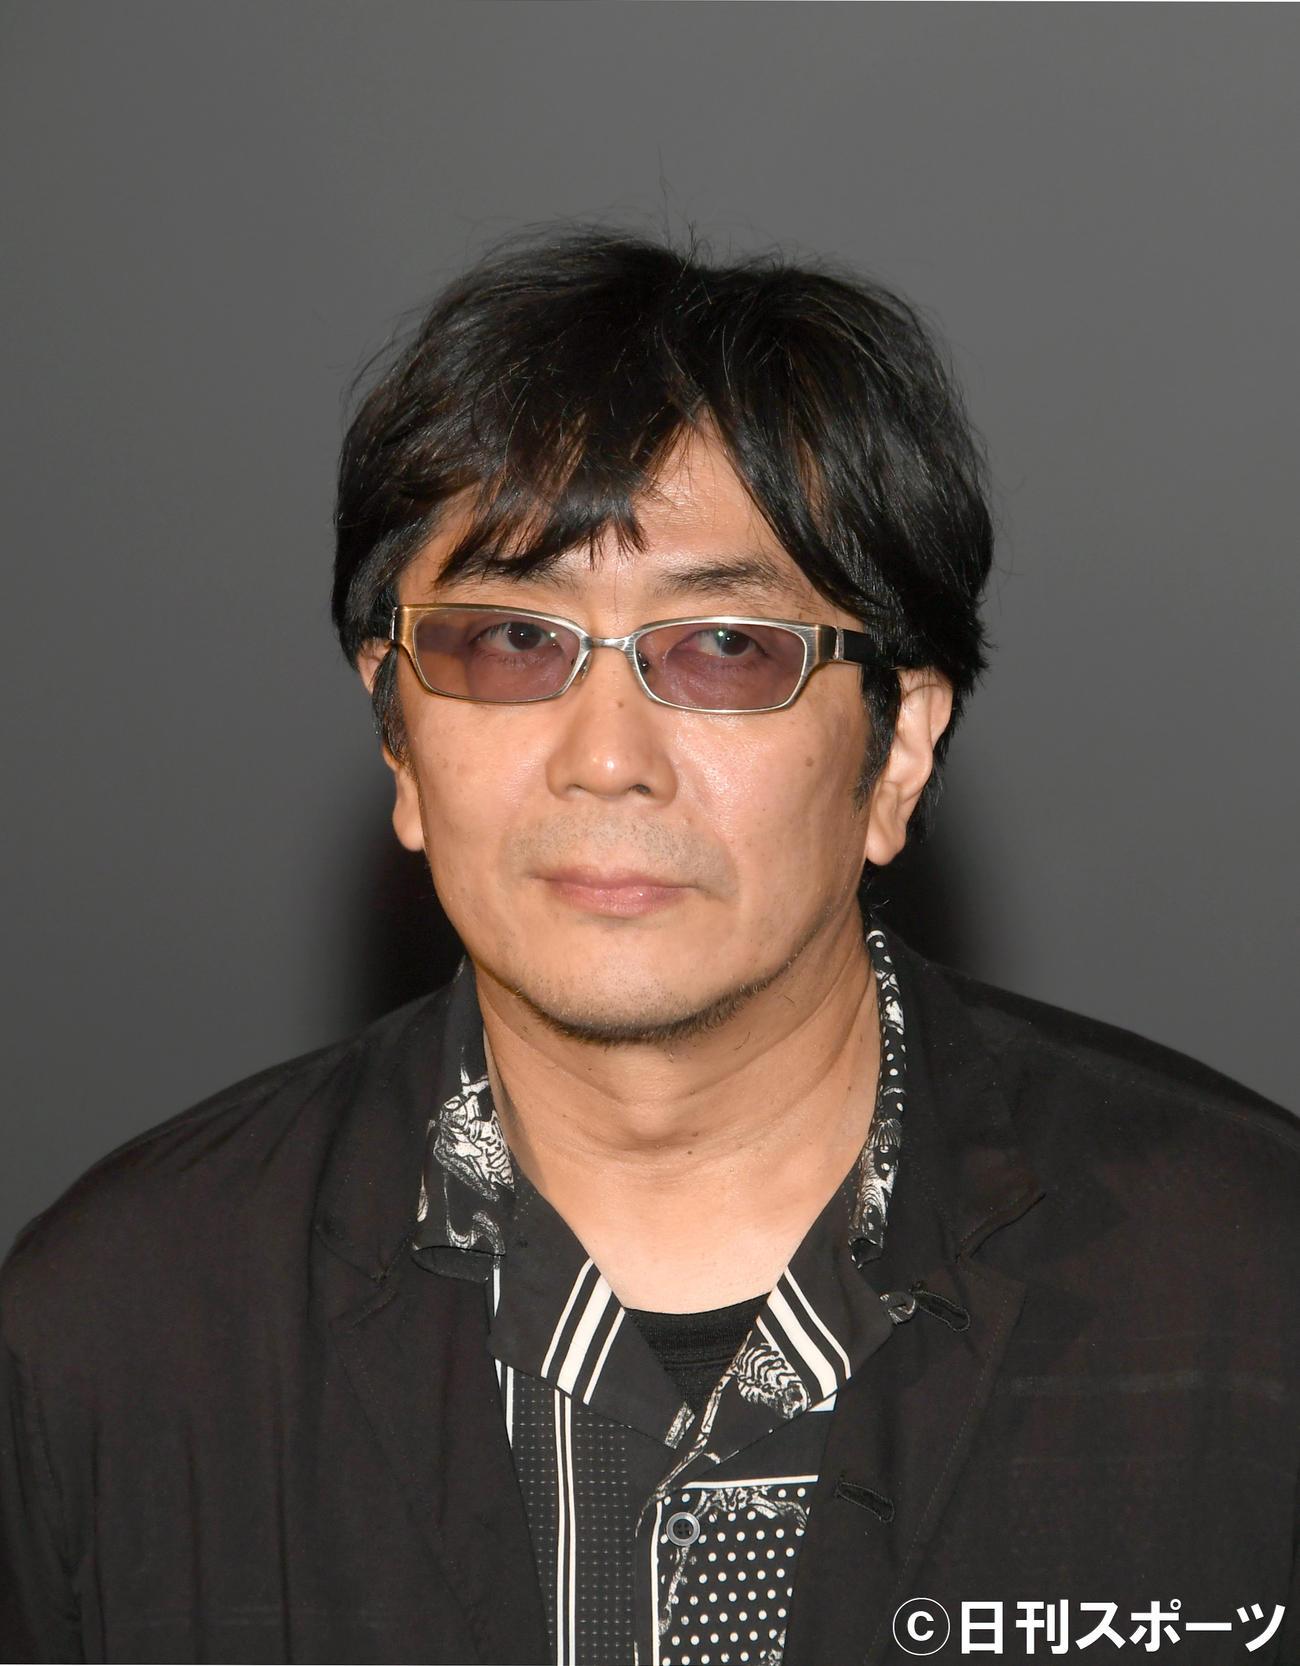 「るろうに剣心最終章」の公開イベントで、メガホンをとった大友啓史監督